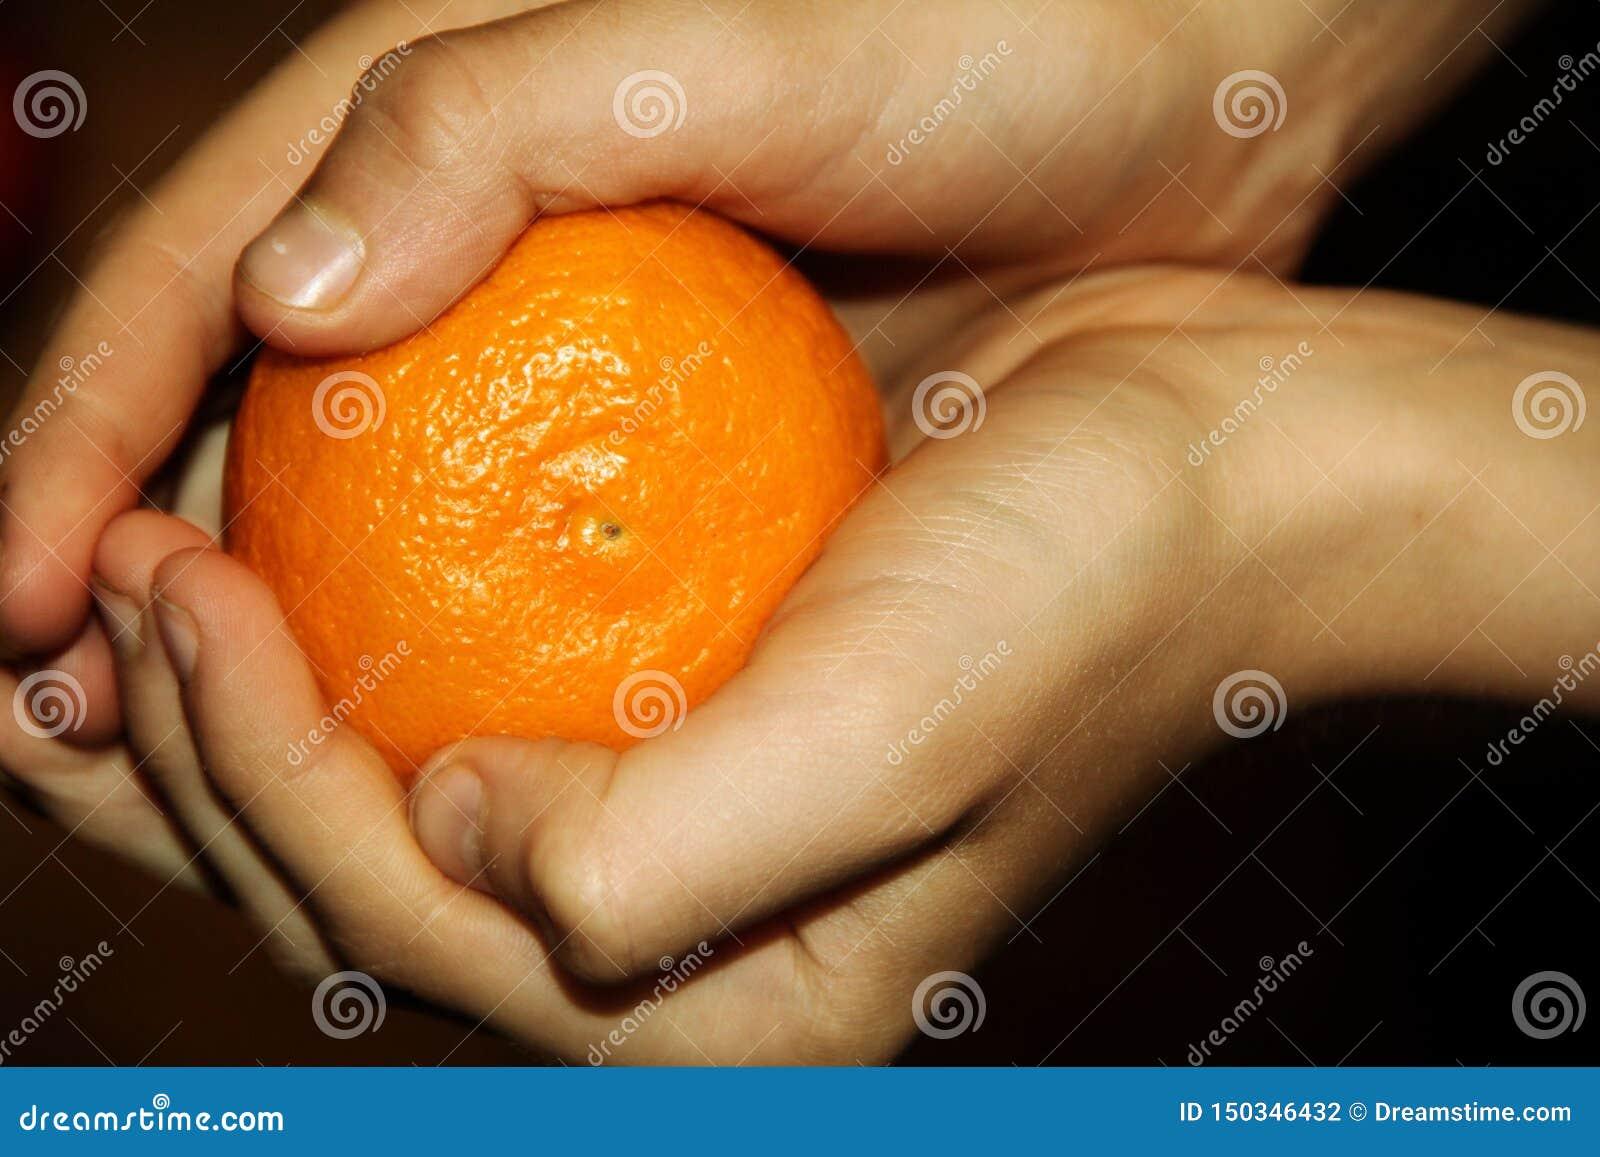 明亮的蜜桔对于儿童手